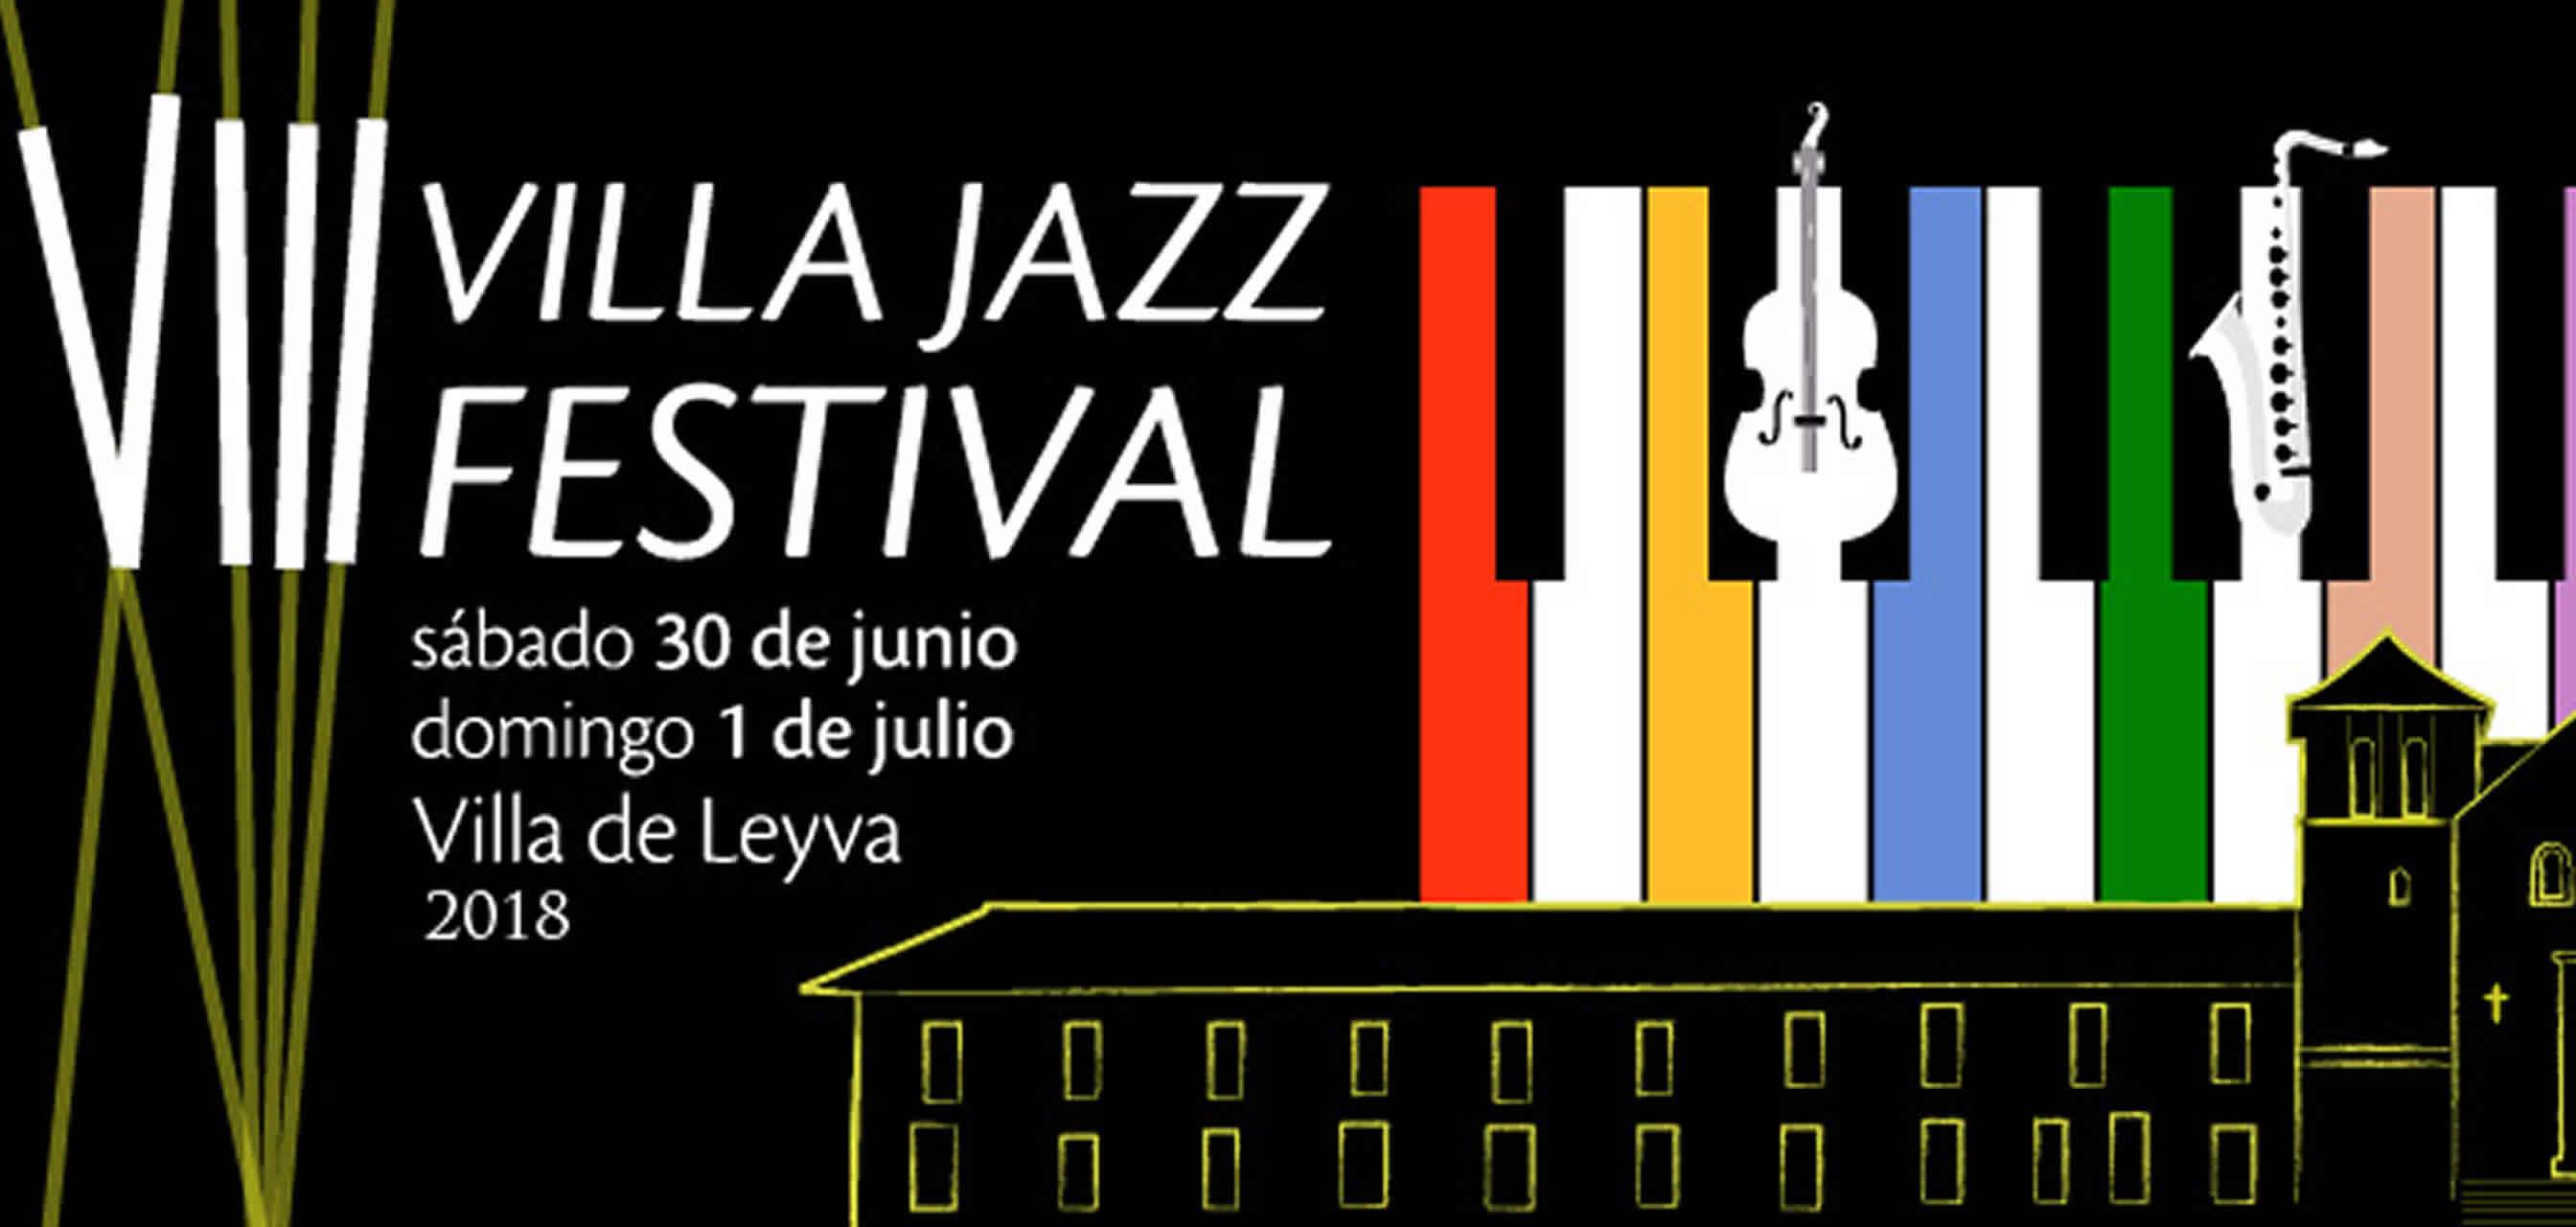 Festival de jazz de Villa de Leyva 2018